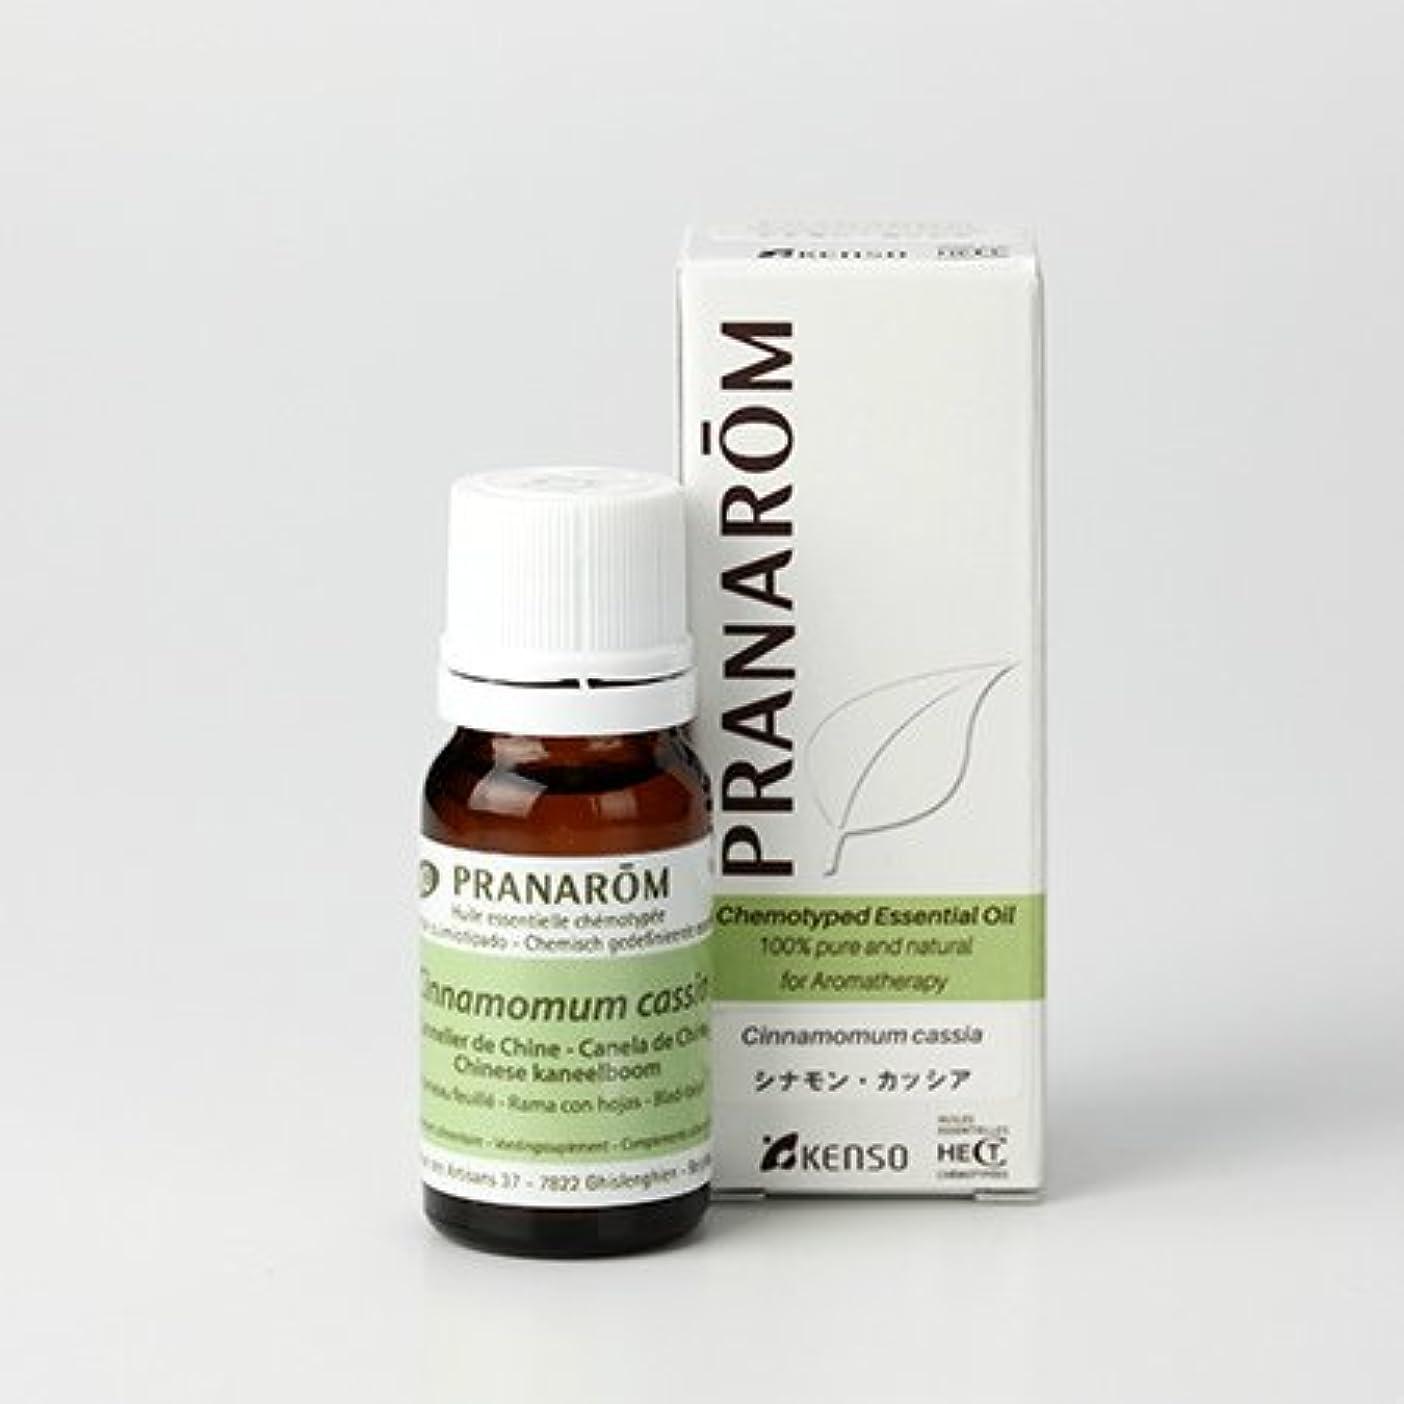 解釈するターミナル触覚プラナロム シナモンカッシア 10ml (PRANAROM ケモタイプ精油)